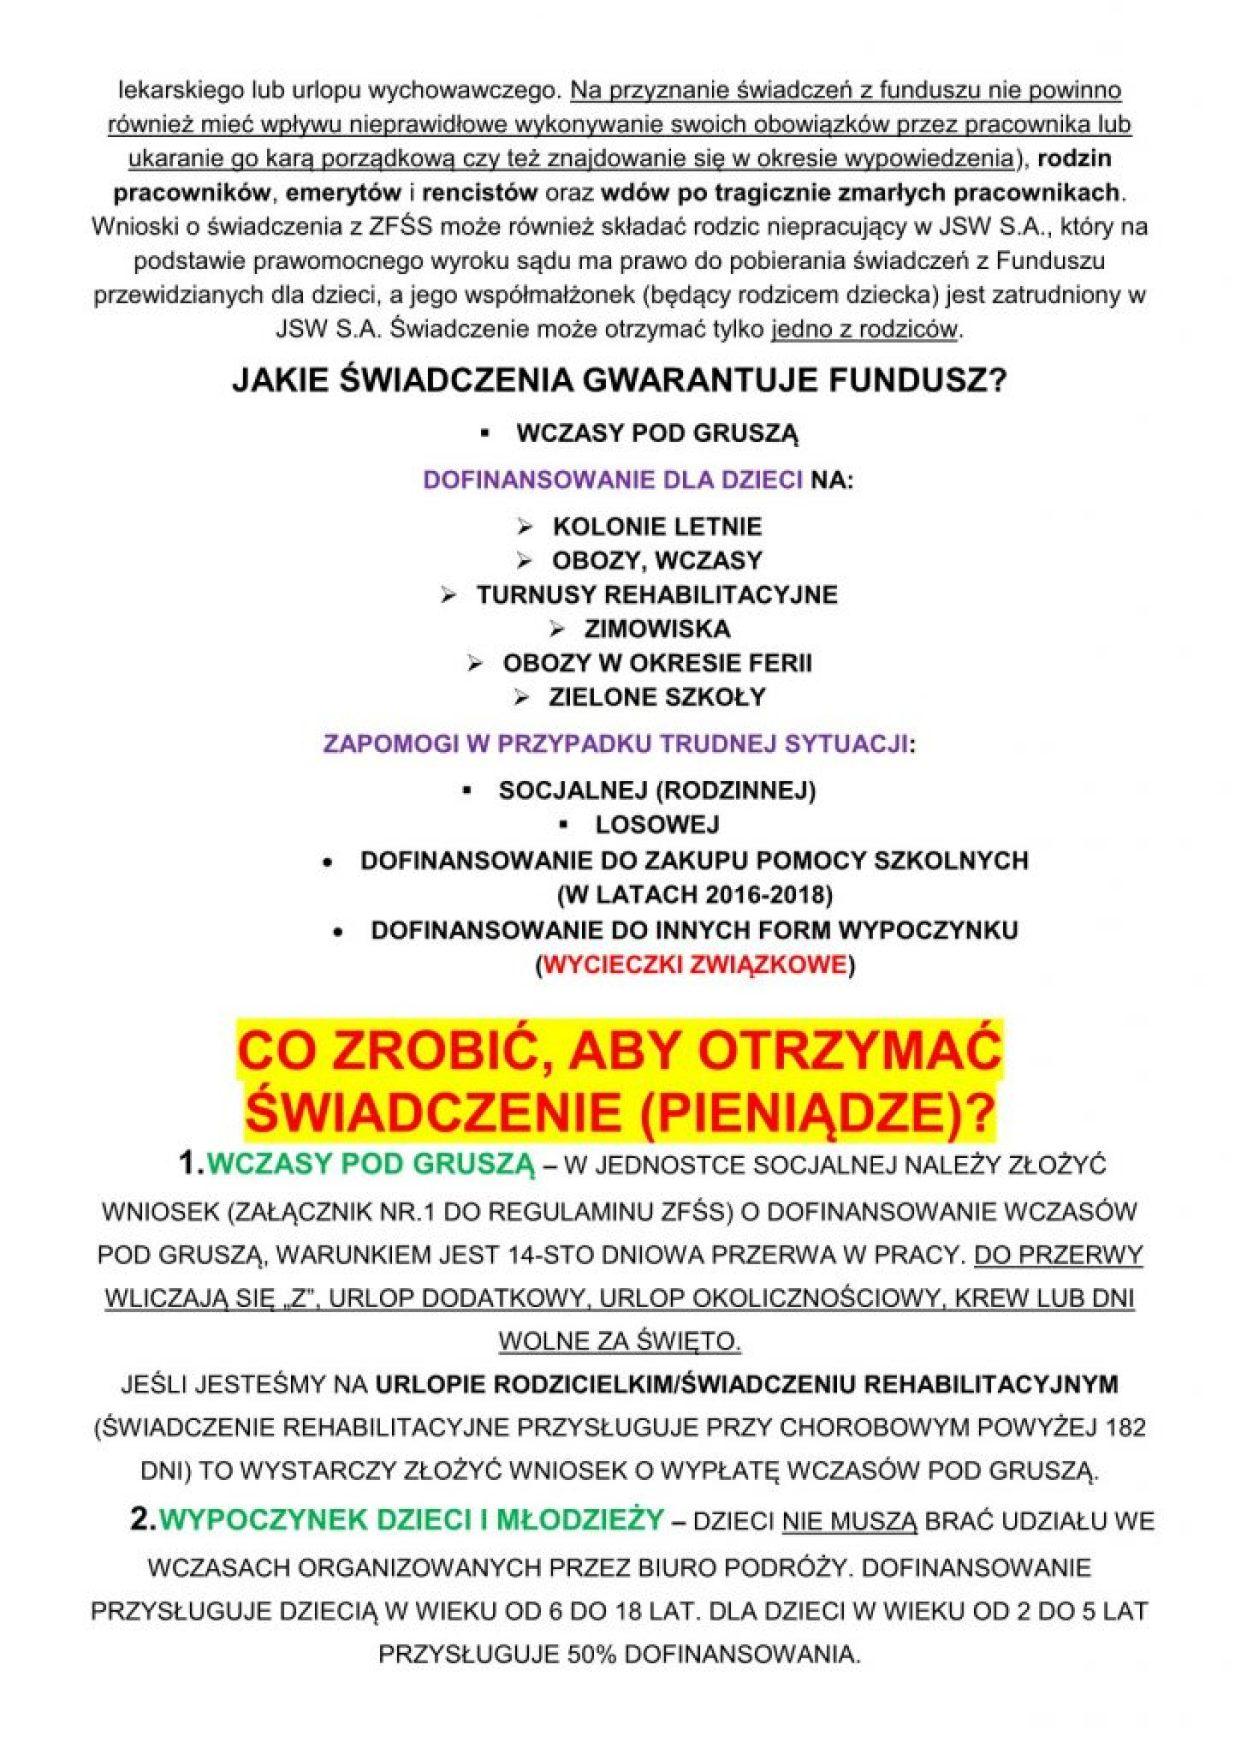 FUNDUSZ SOCJALNY INFO DO GABLOTY_2